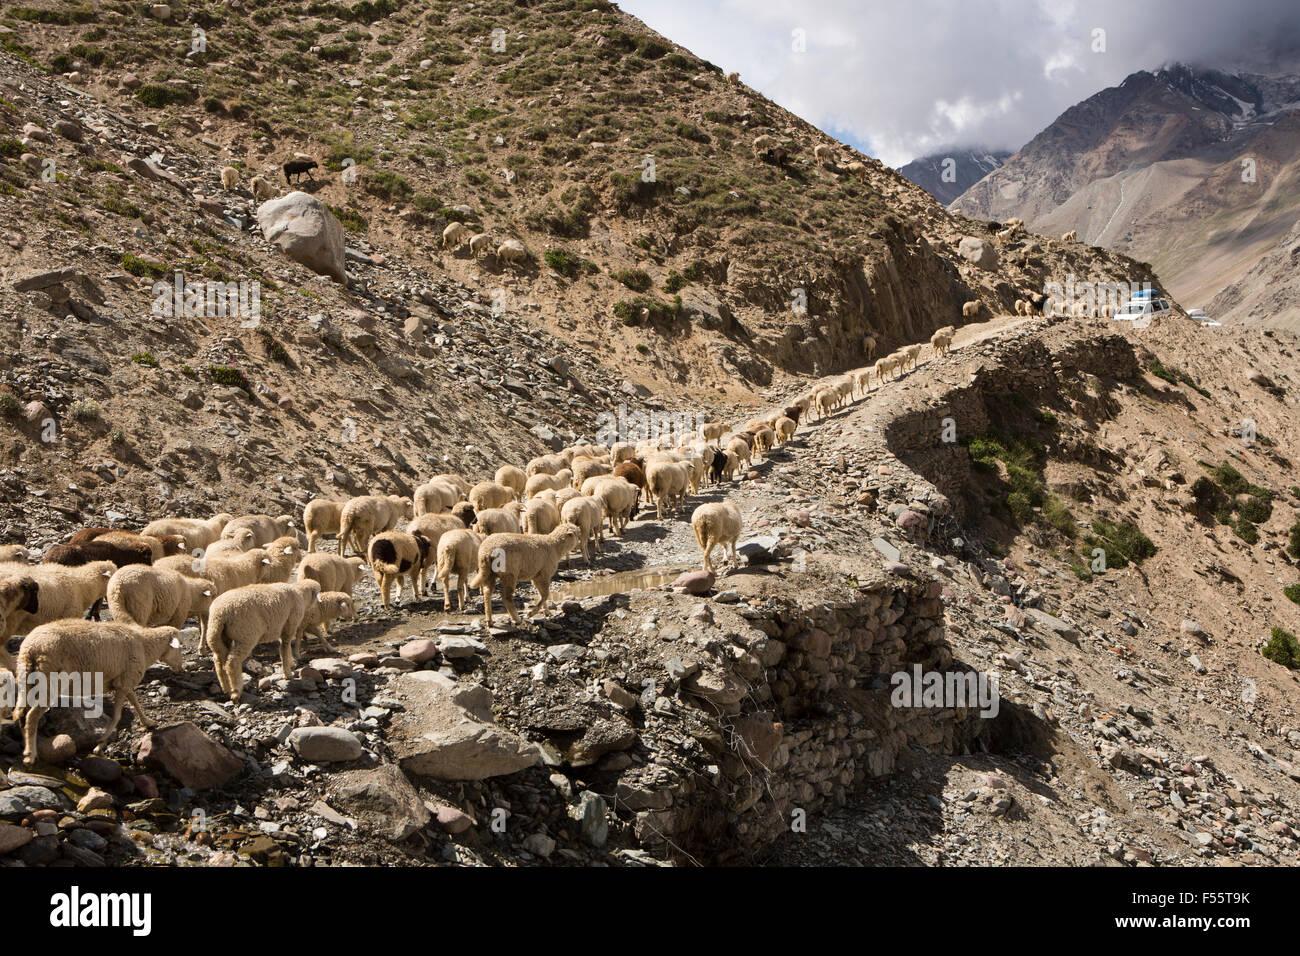 India, Himachal Pradesh, Spiti, Chandra Taal, rebaño de ovejas y cabras bloqueando Kunzum La circunvalación Imagen De Stock